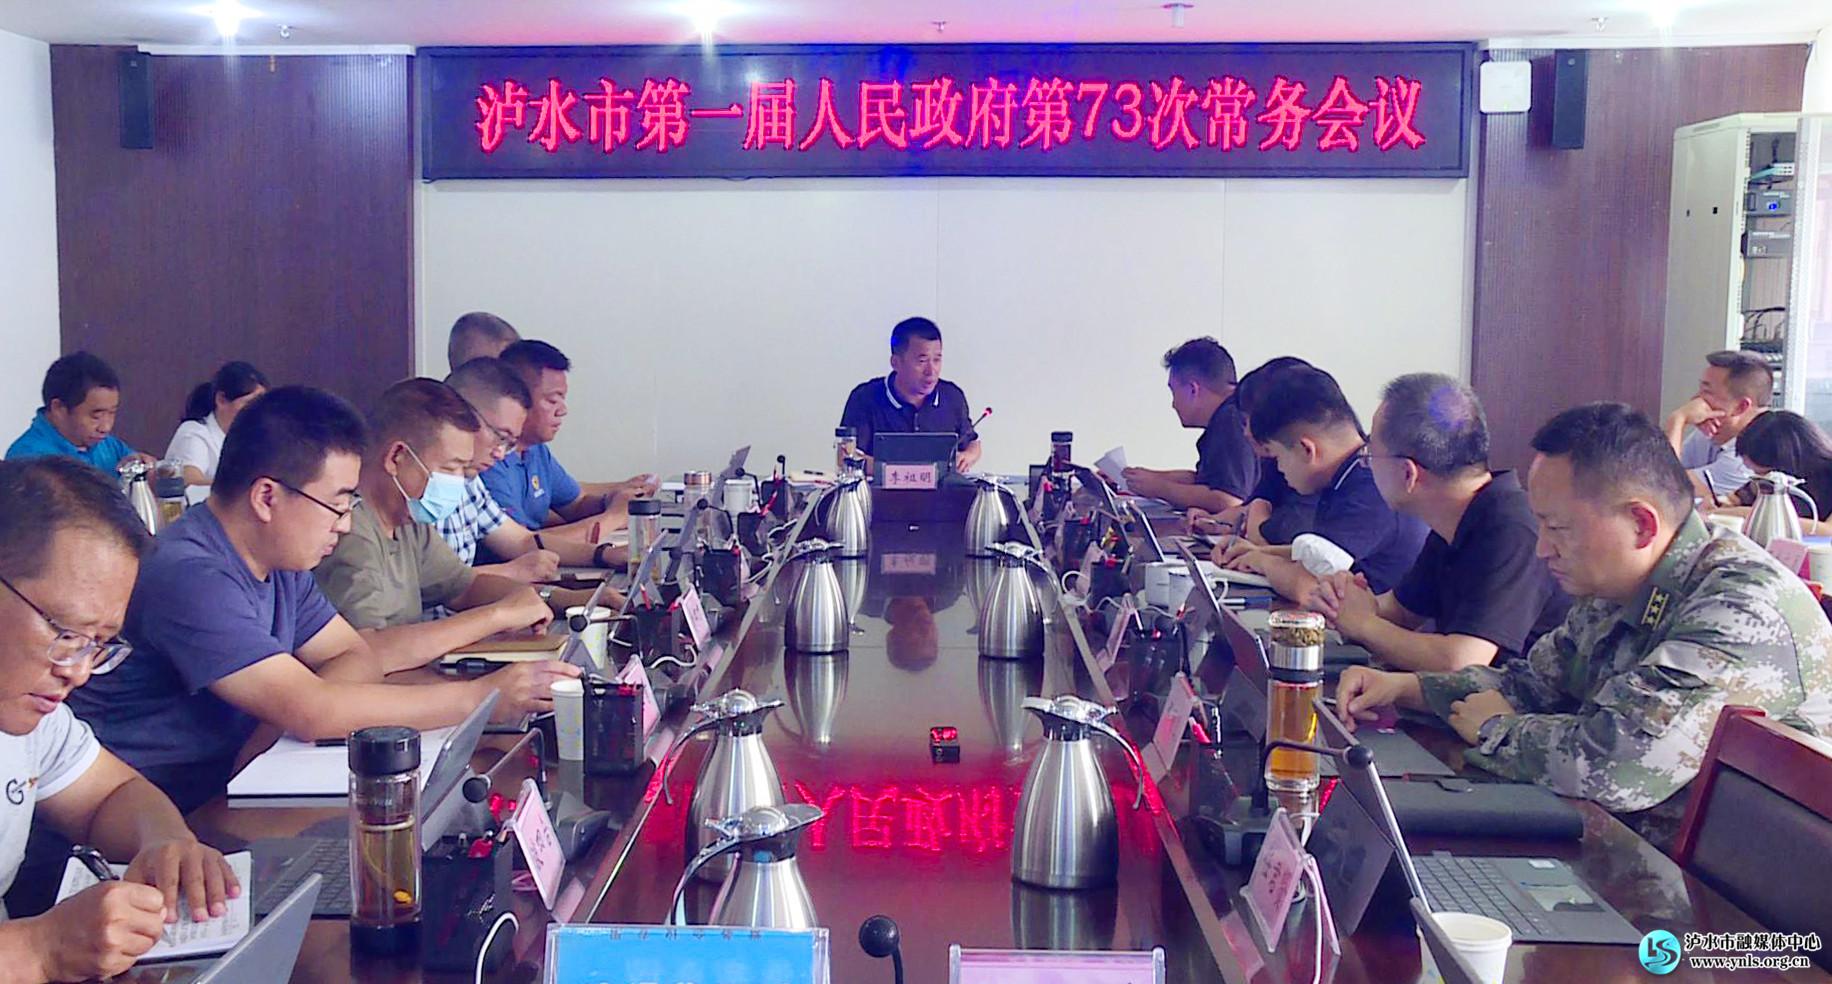 李祖明主持召开市政府第73次常务会议